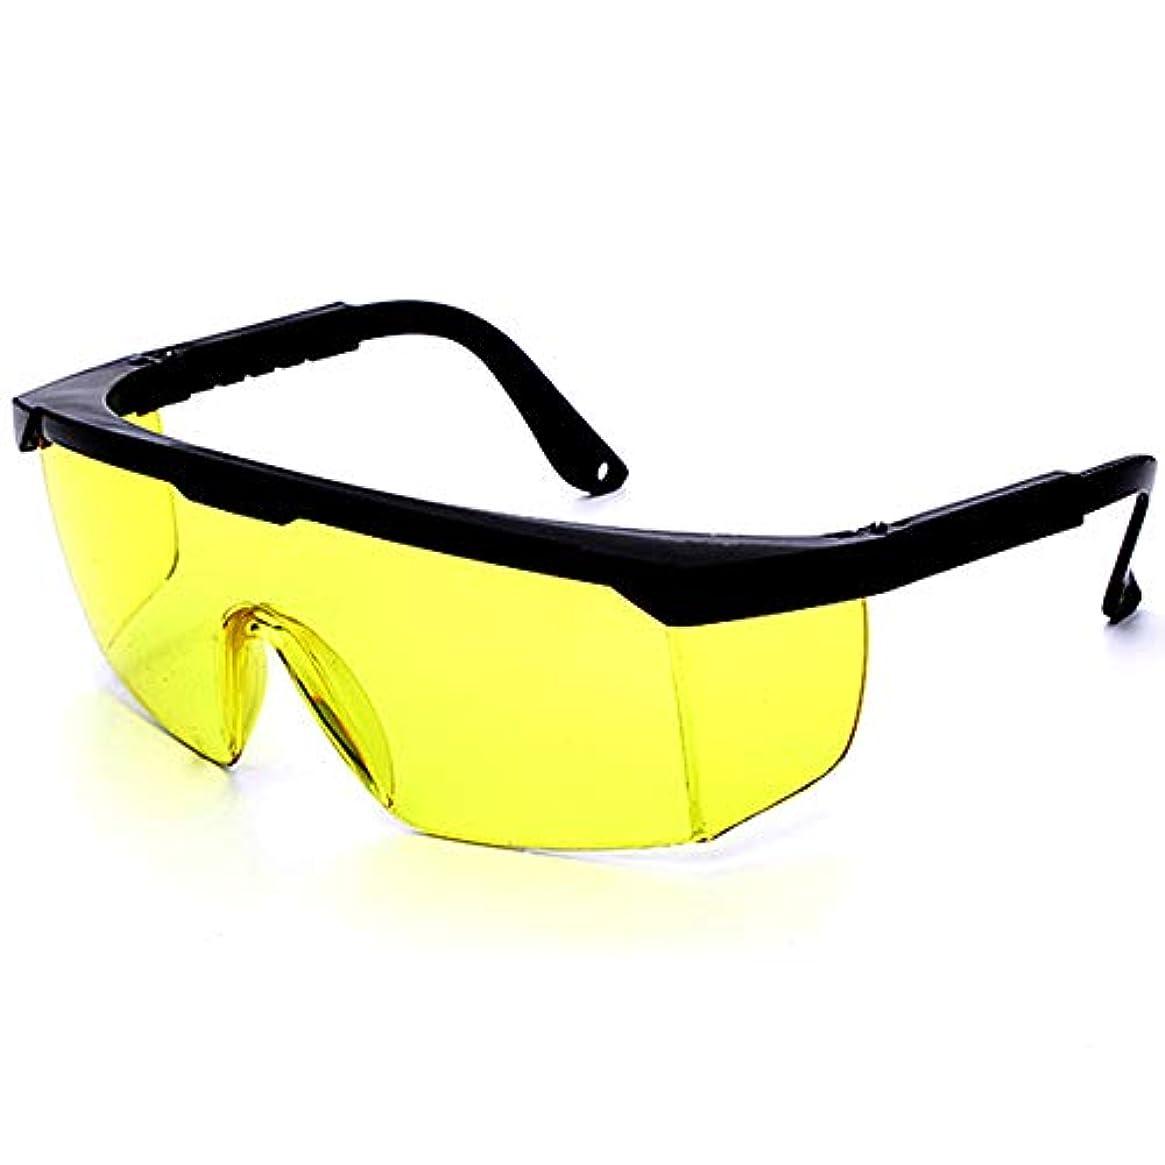 マインドリテラシー壮大なレーザー保護メガネIPL美容機器メガネ、レーザーメガネ - 2組のパルス光保護メガネ。